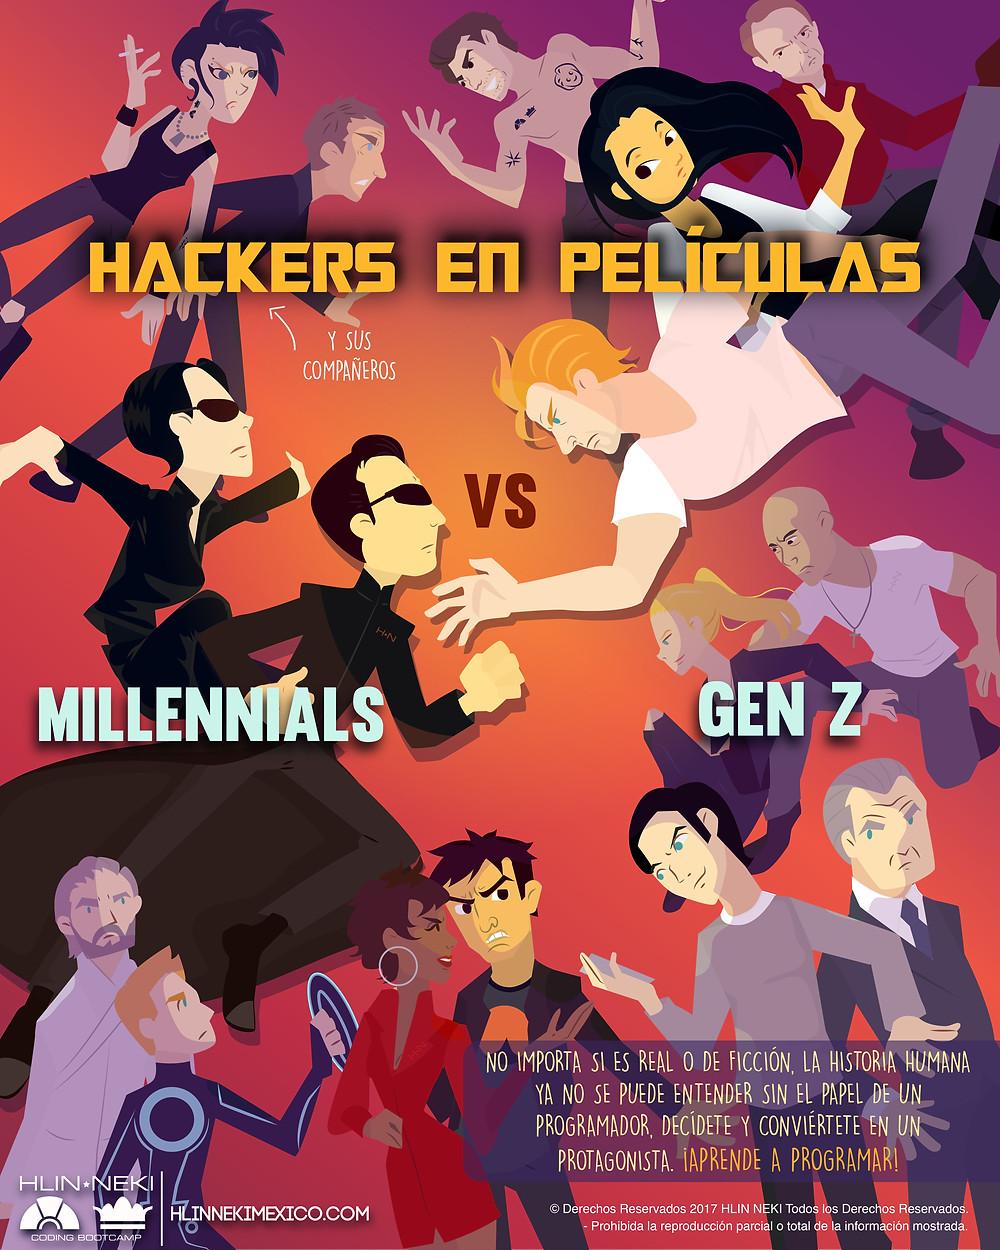 Hackers en películas